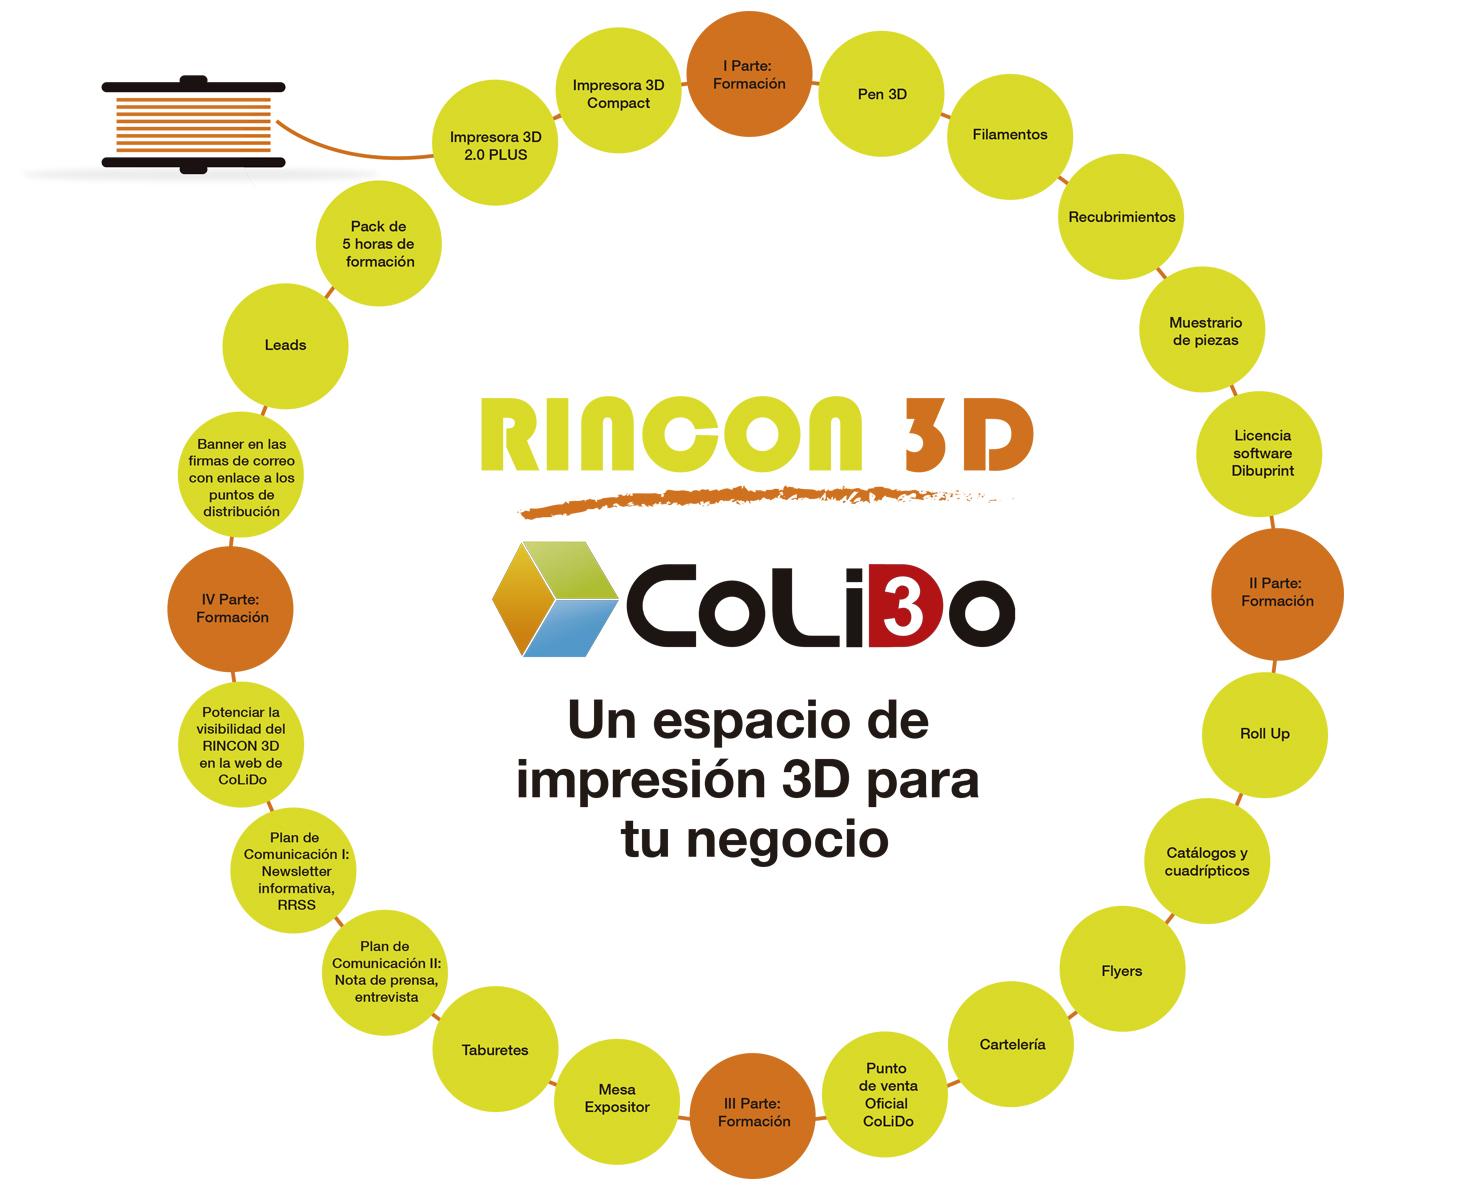 RINCON 3D CoLiDo – El Centro Profesional De Impresión 3D